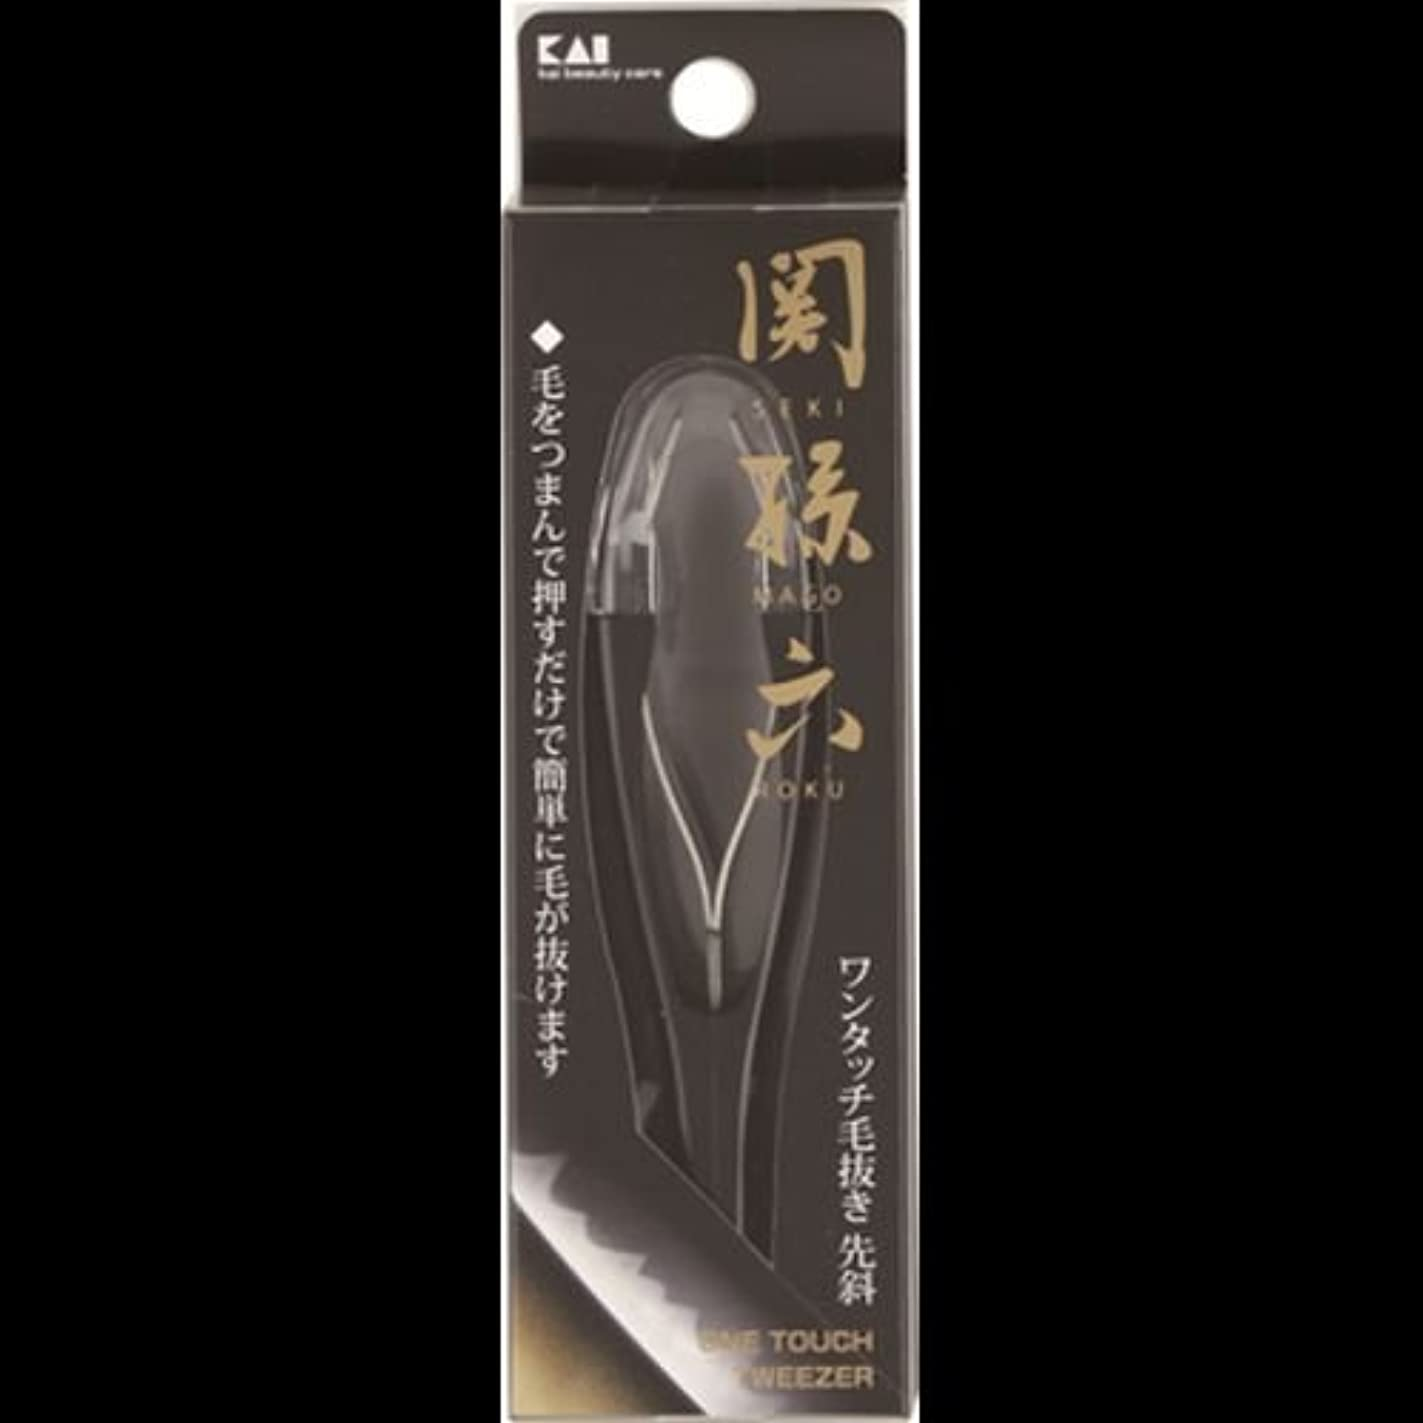 【まとめ買い】関孫六 ワンタッチ毛抜き(先斜) ×2セット